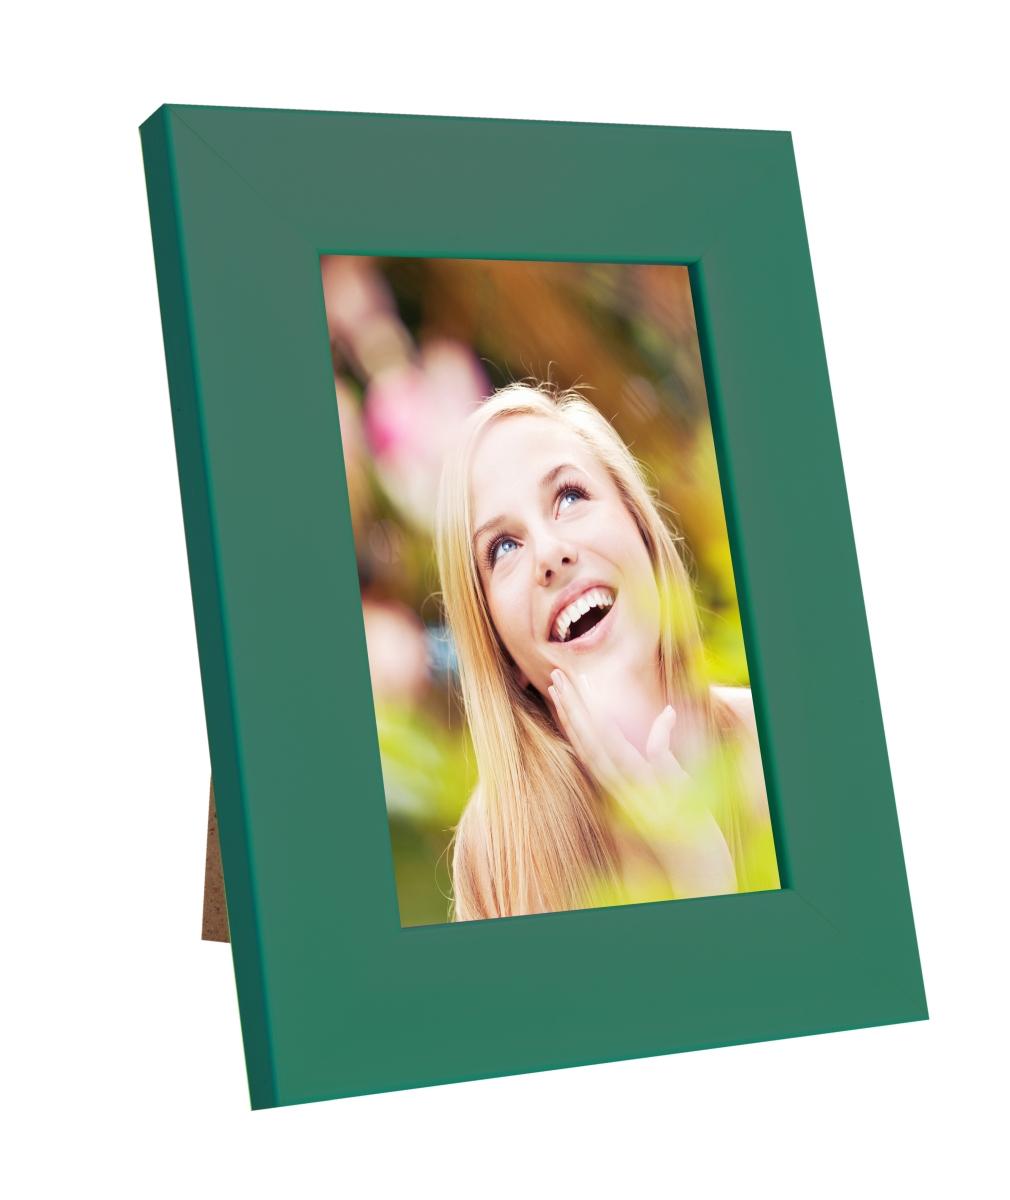 Dřevěný fotorámeček, tmavě zelený s patinou